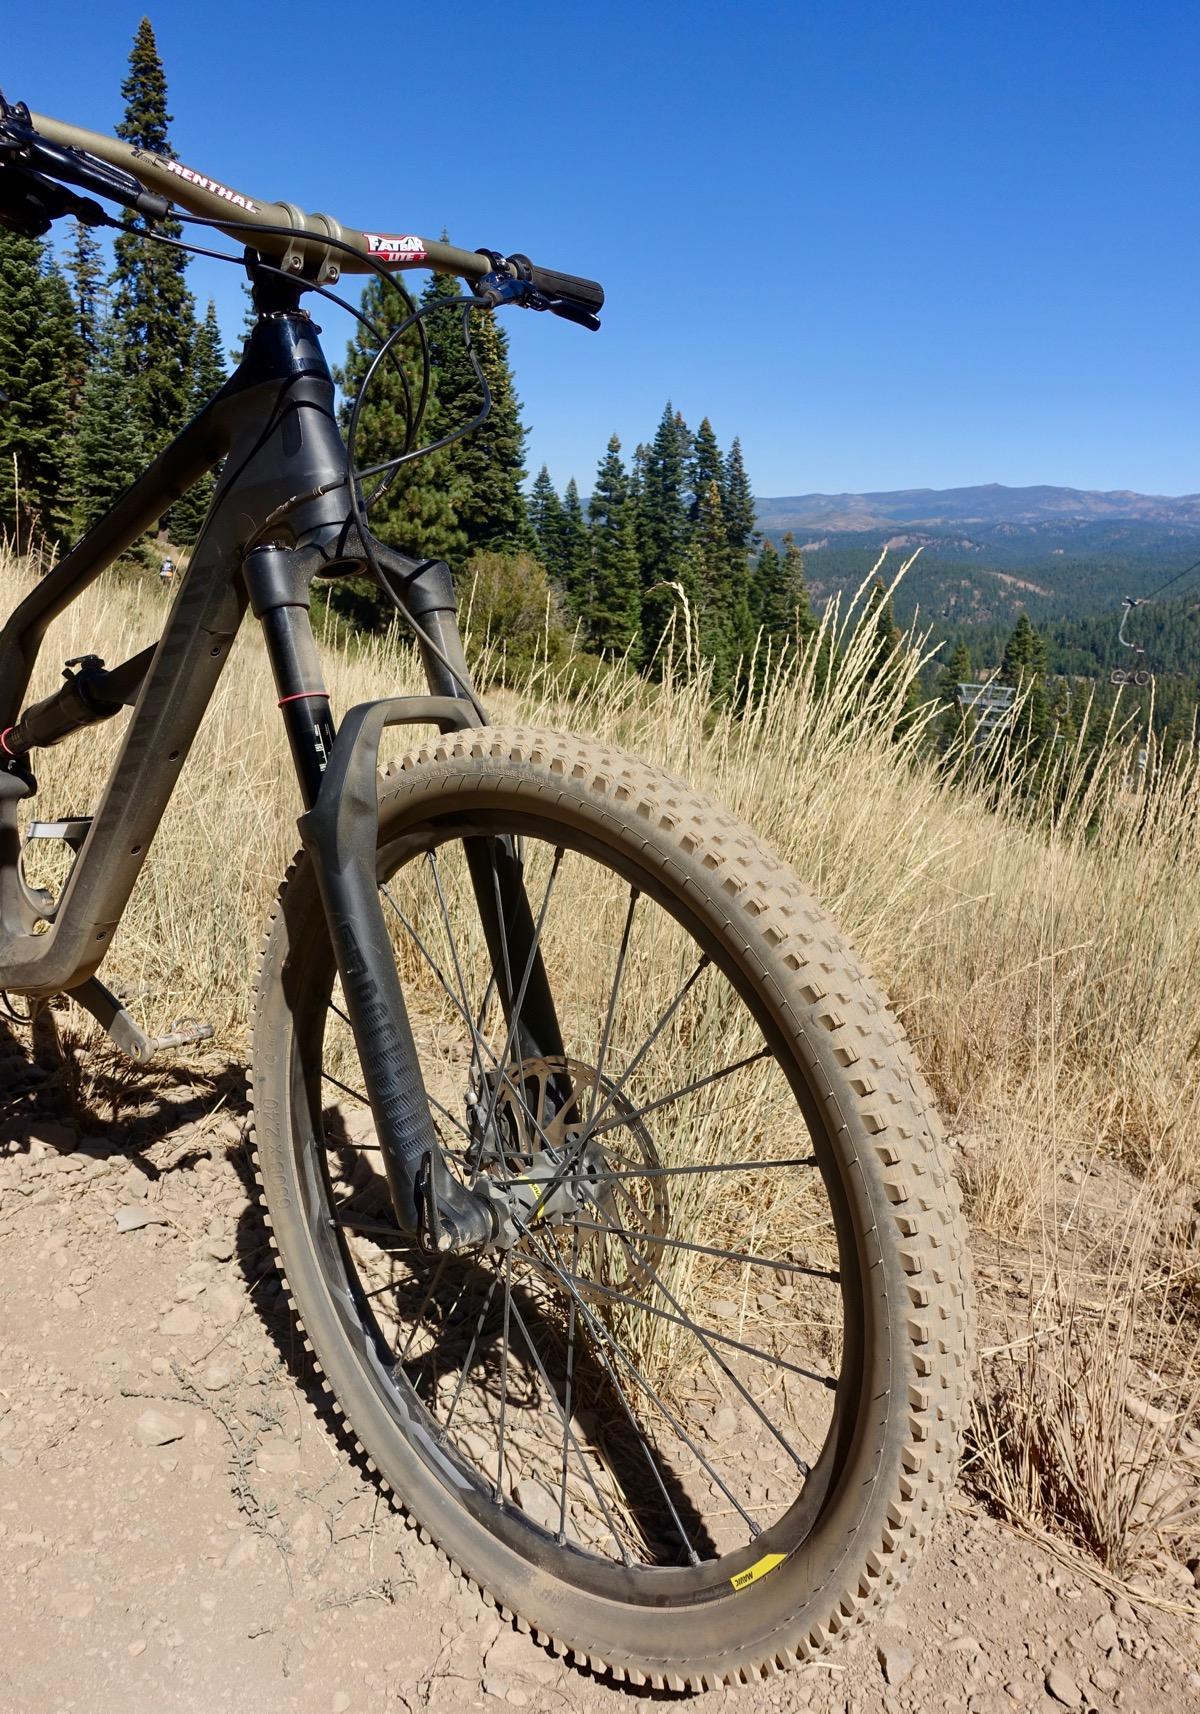 Canyon Spectral CF Trail Bike Test Ride Review - Singletracks